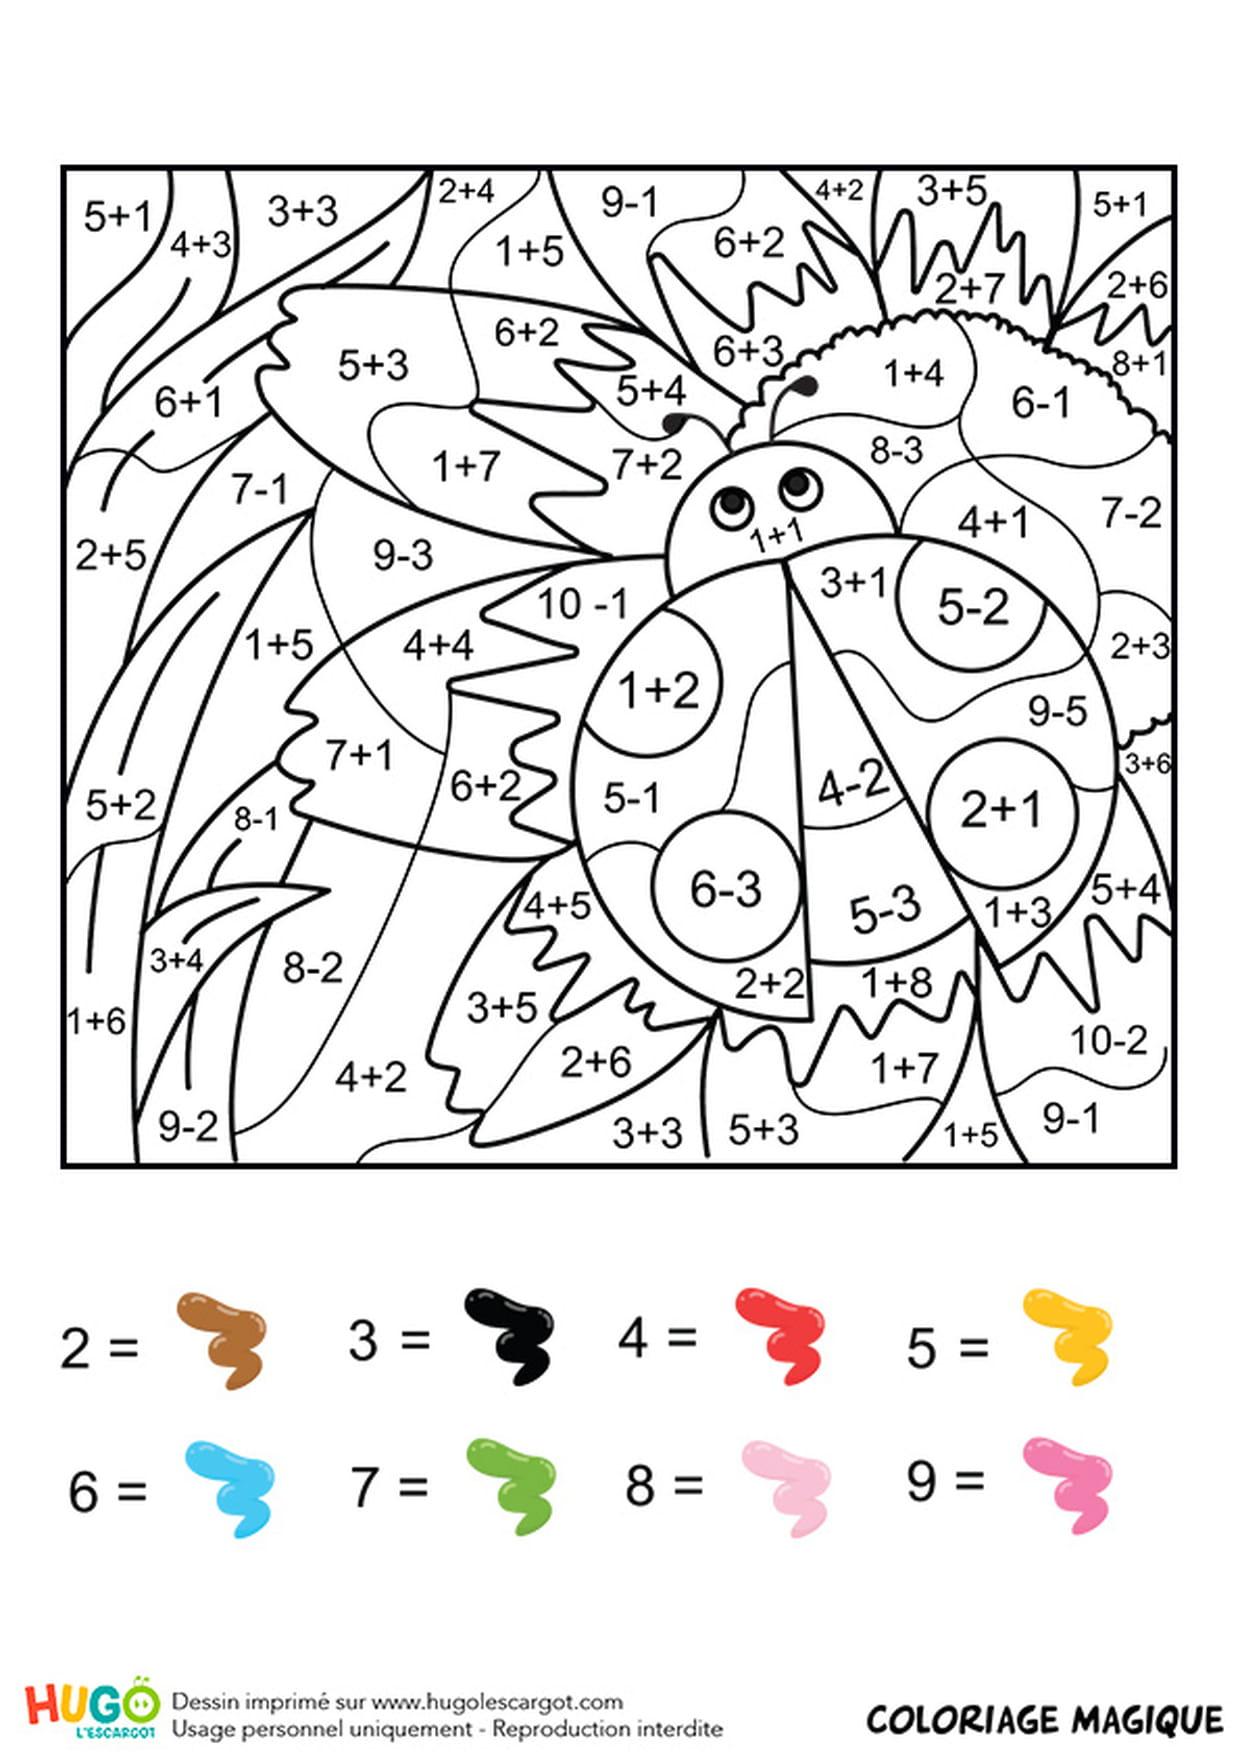 Coloriage Magique Ce1 : Une Coccinelle intérieur Coloriage Codé Cp